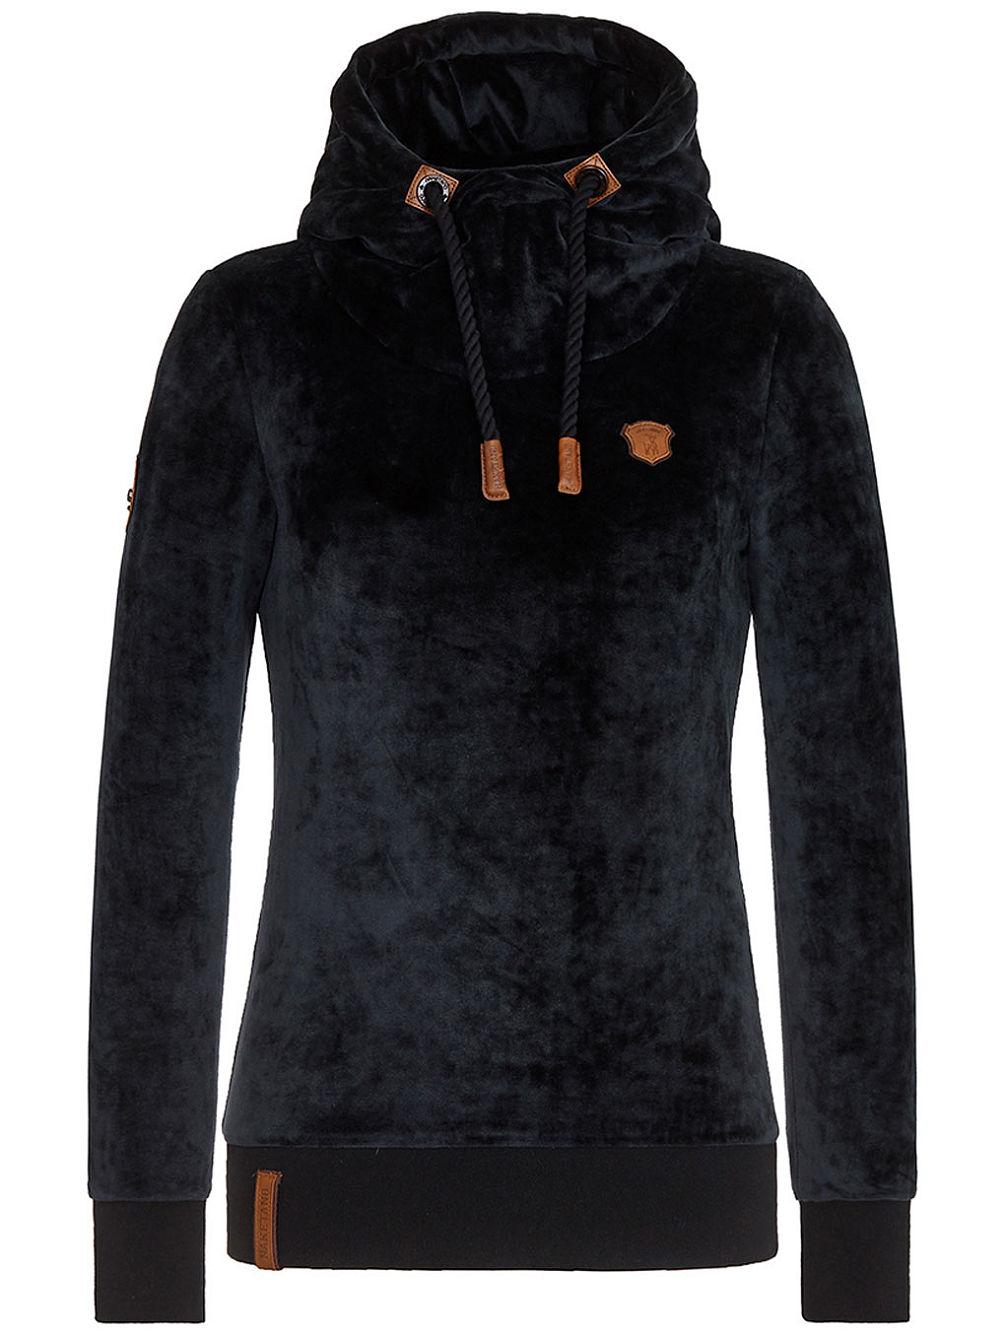 naketano schmierlappen mack iii zip hoodie online kaufen. Black Bedroom Furniture Sets. Home Design Ideas